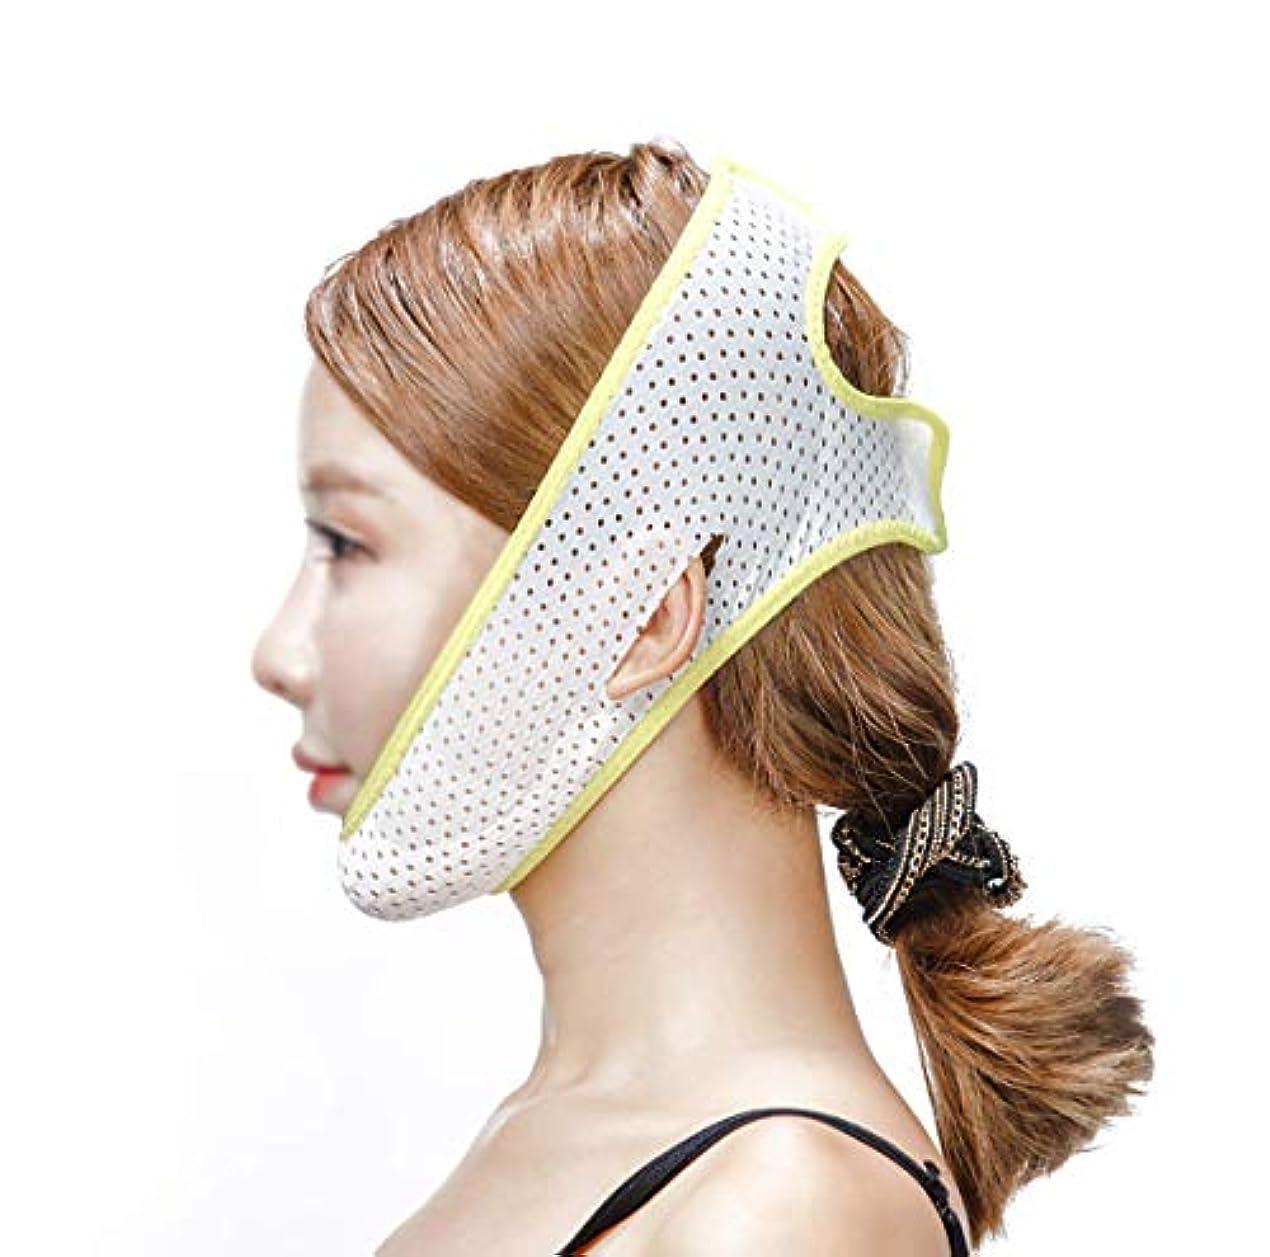 身元利点ベースフェイスリフトマスク、あごストラップ回復包帯睡眠薄いフェイス包帯薄いフェイスマスクフェイスリフトアーチファクトフェイスリフトで小さなV顔を強化する美容マスク包帯(色:黄色と白)